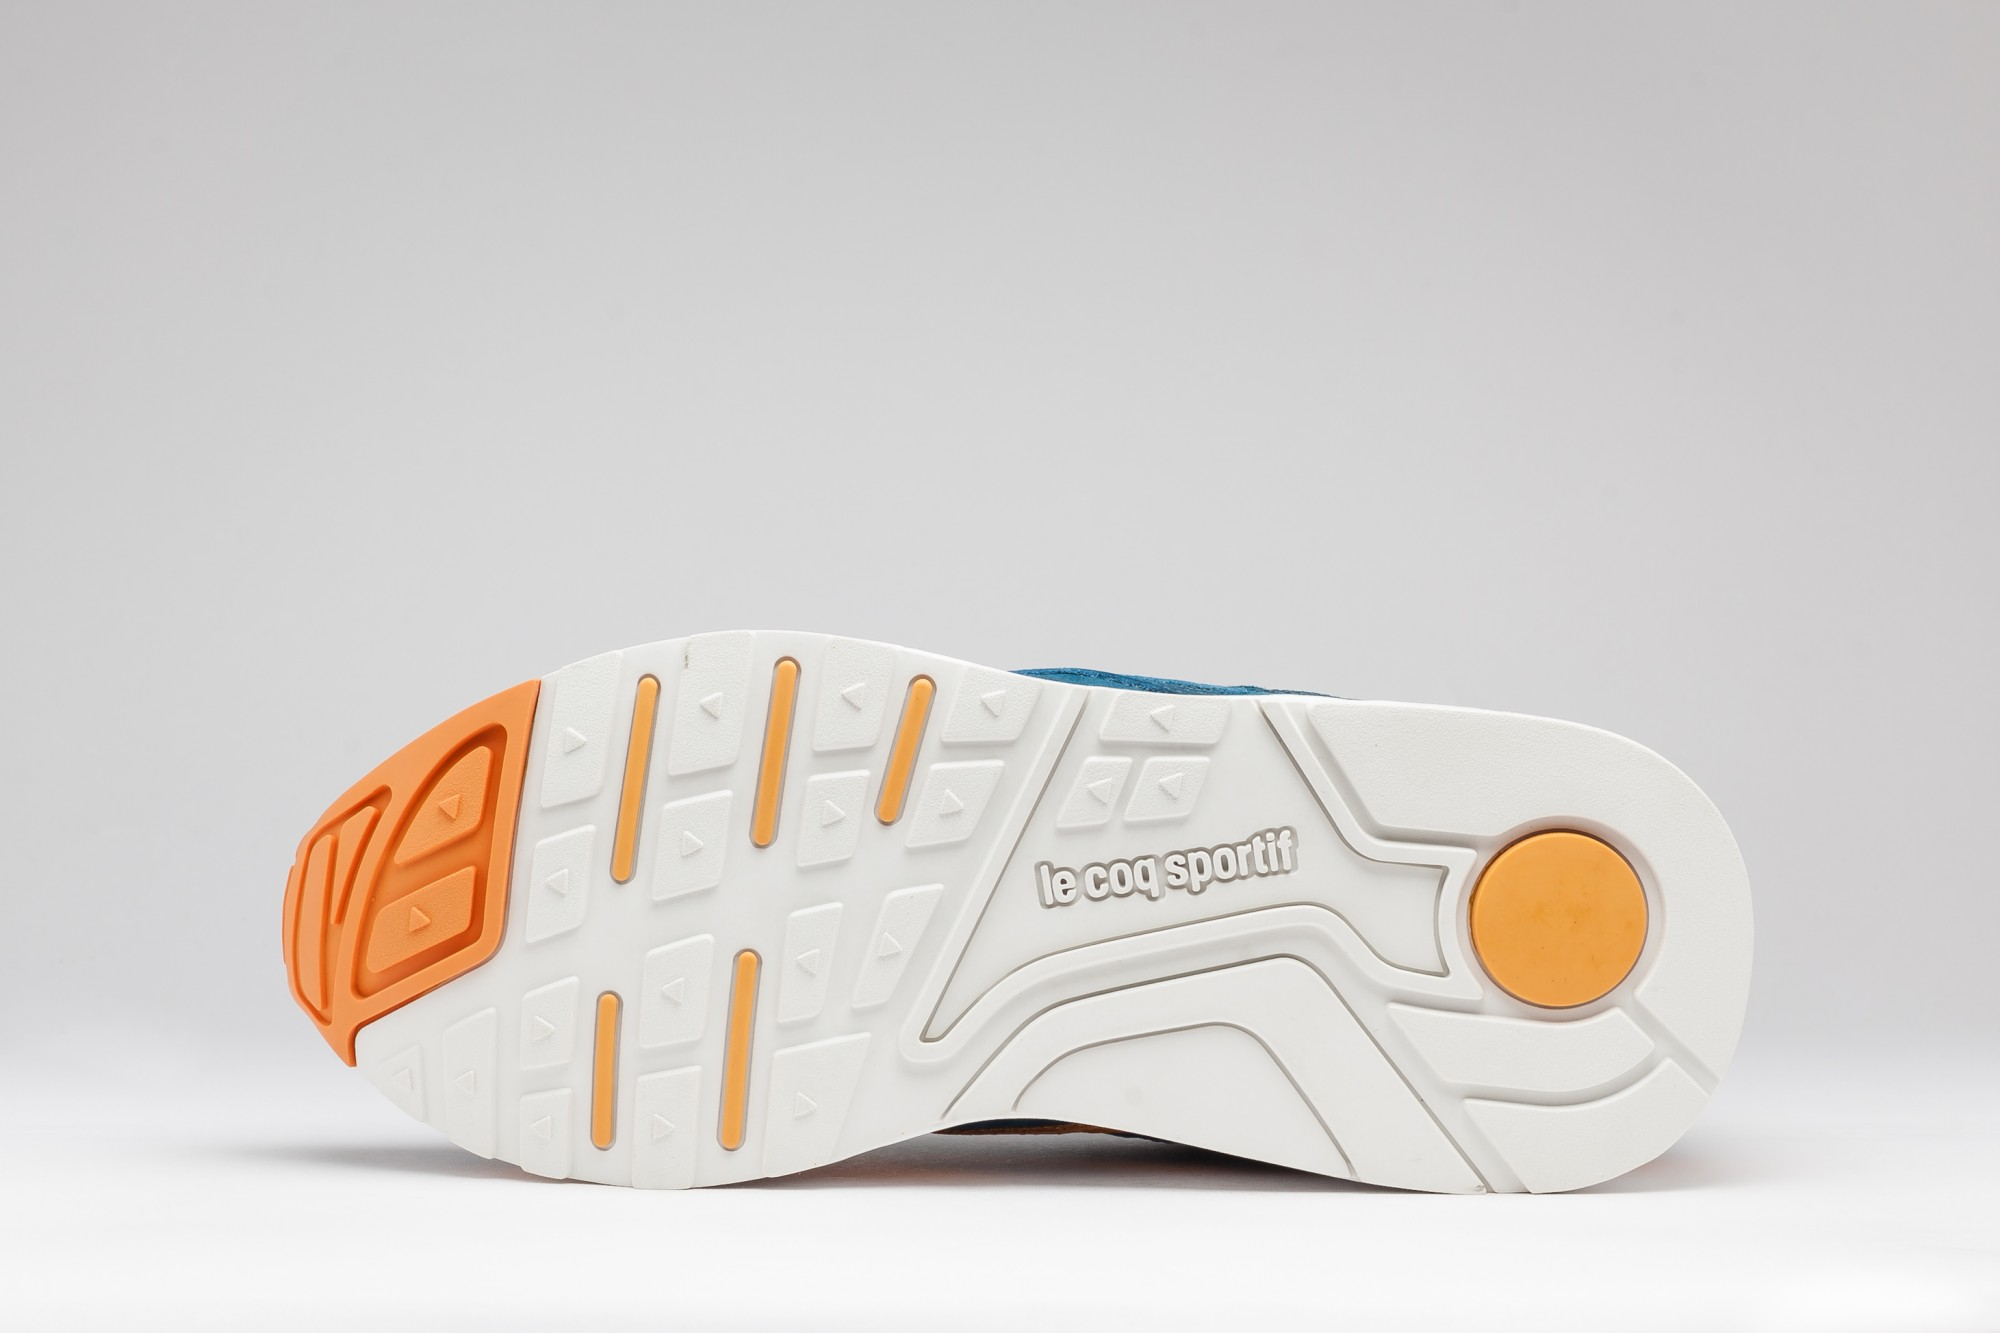 82d9a55e4d54 Comanda Le Coq Sportif R800 Craft Tech Pop 100% originali